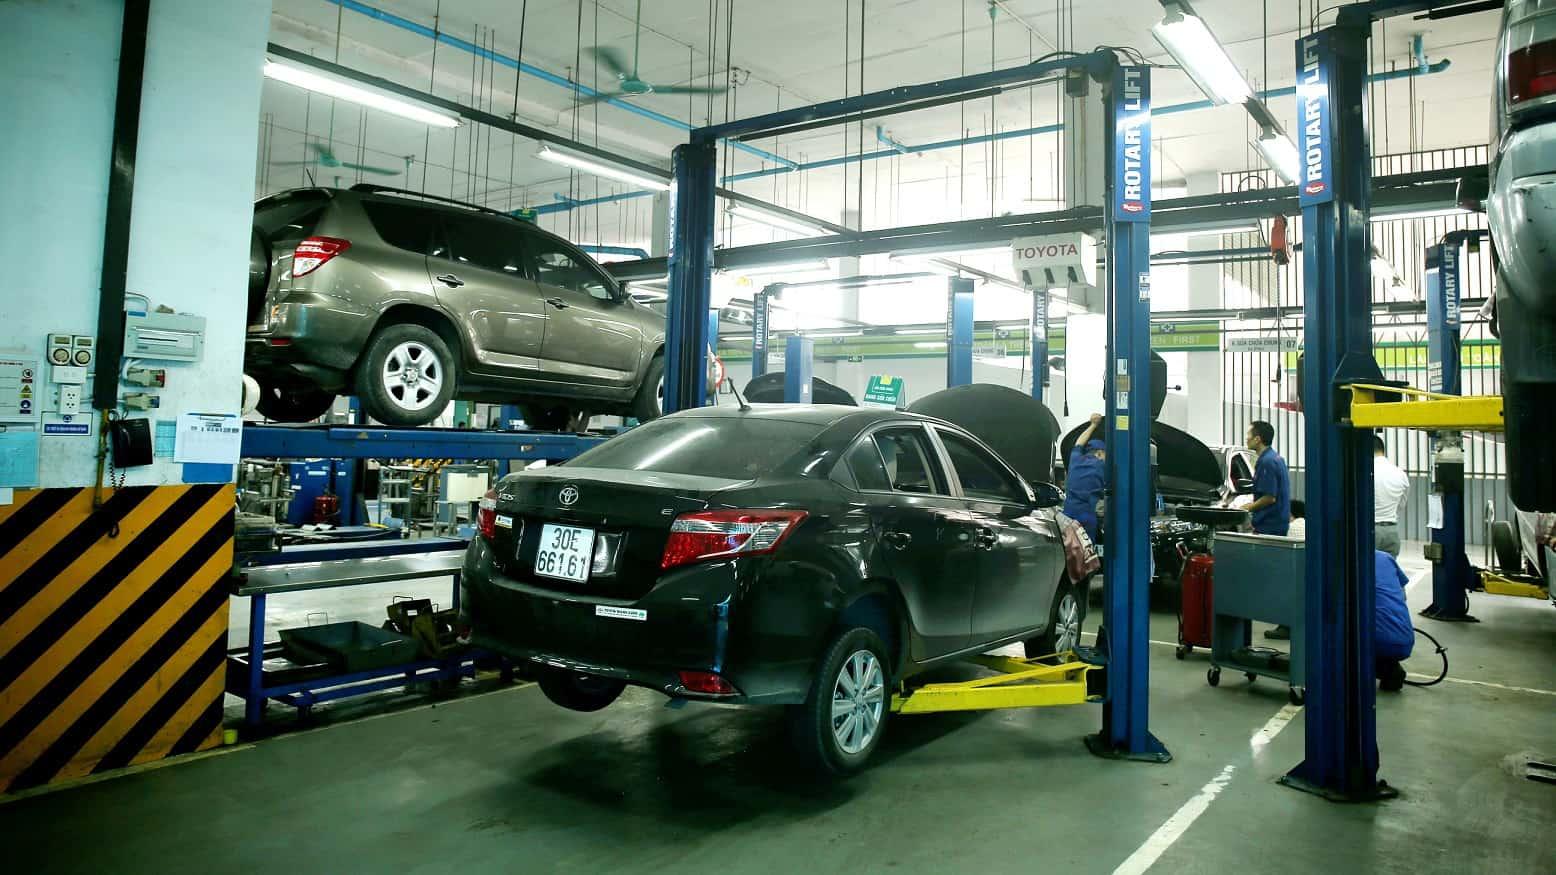 Dòng xe ô tô Toyota chinh phục mọi người bởi động cơ siêu bền và thiết kế nội thất bên trong xe hiện đại